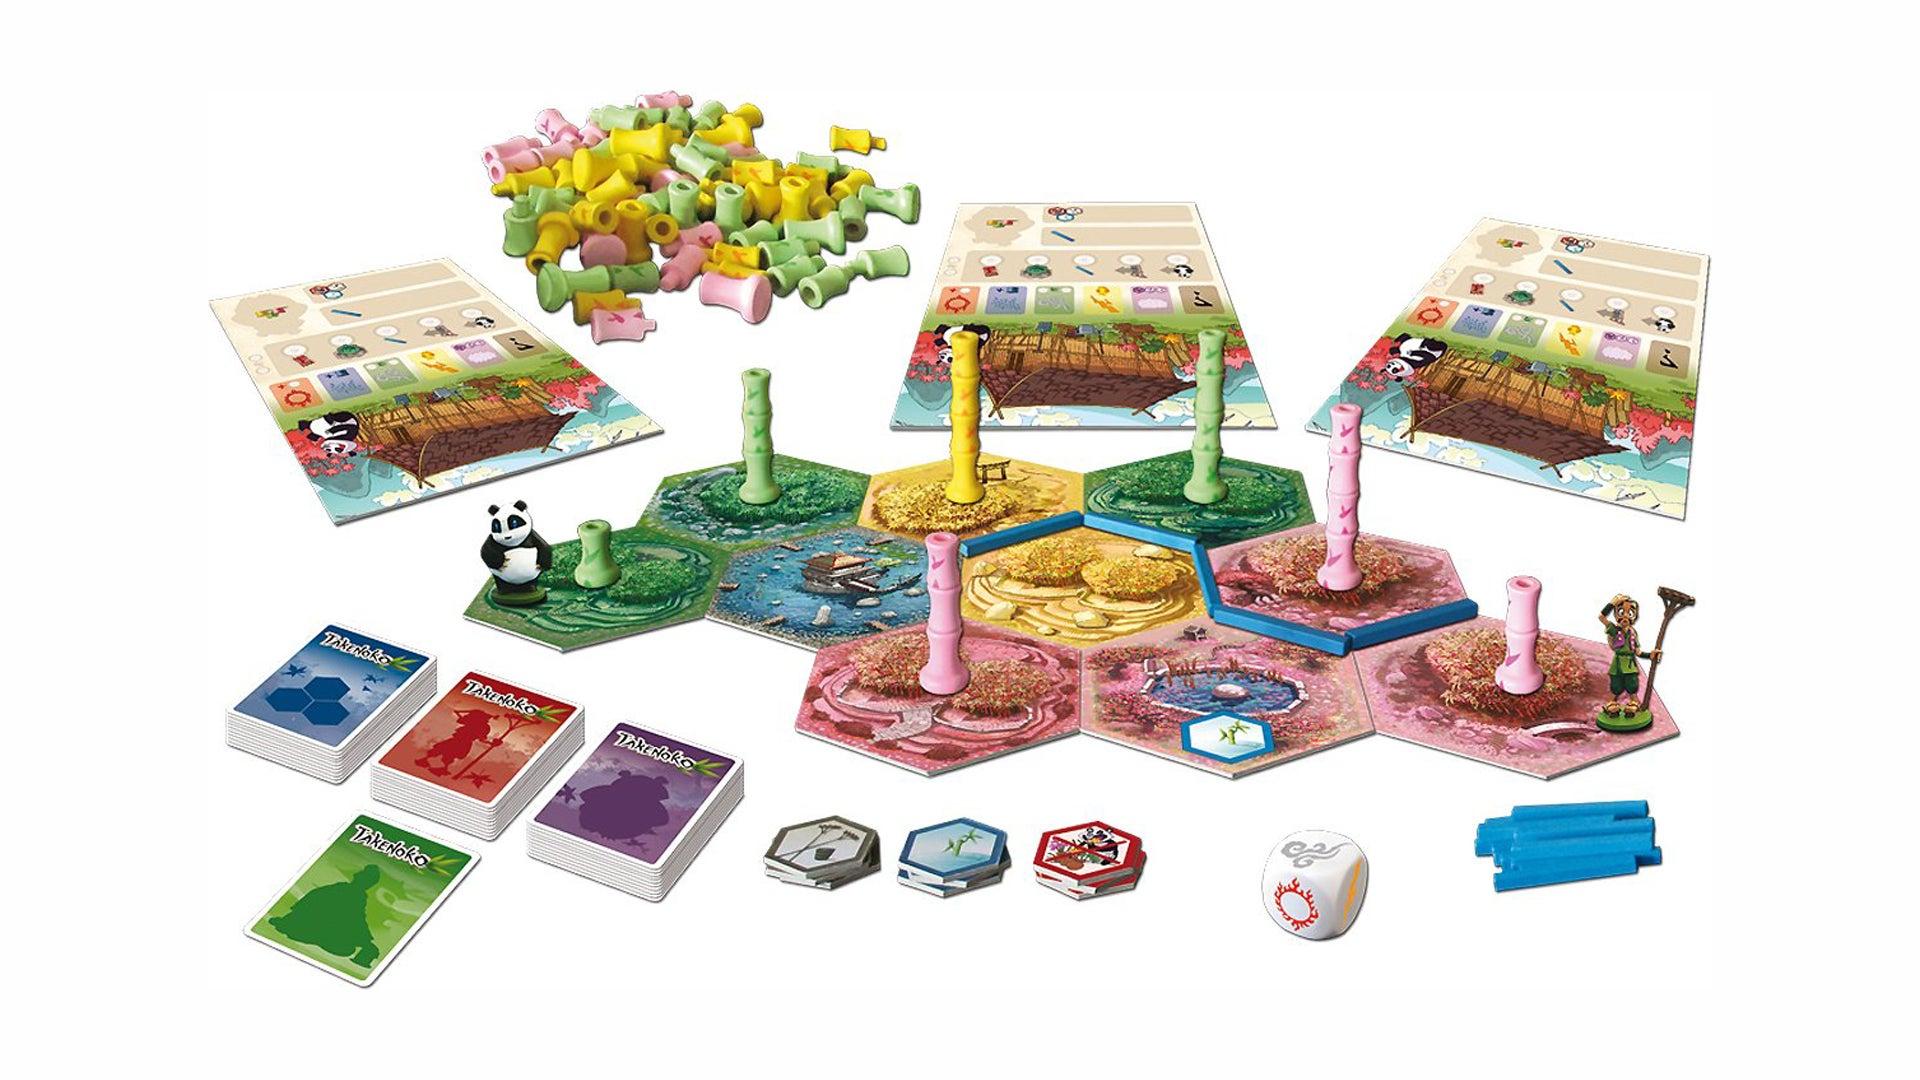 Takenoko board game layout